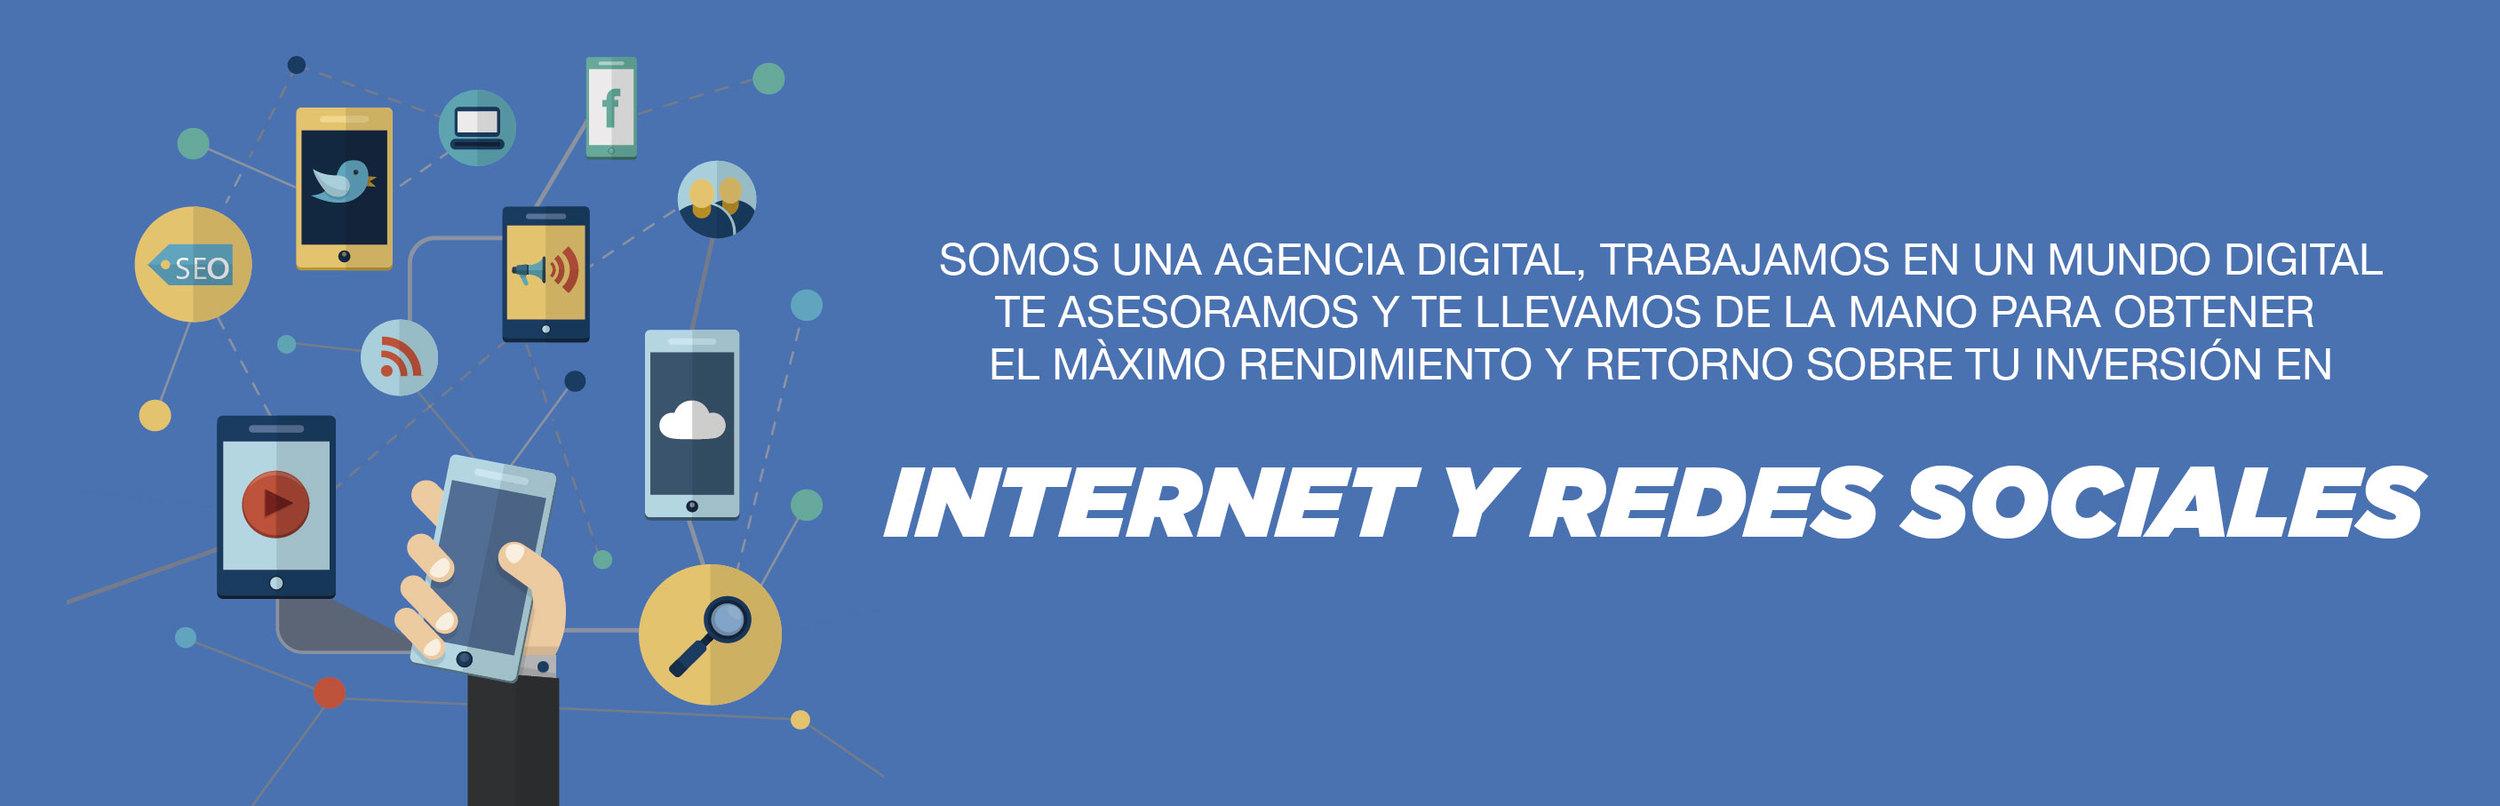 internet-y-redes-sociales.jpg